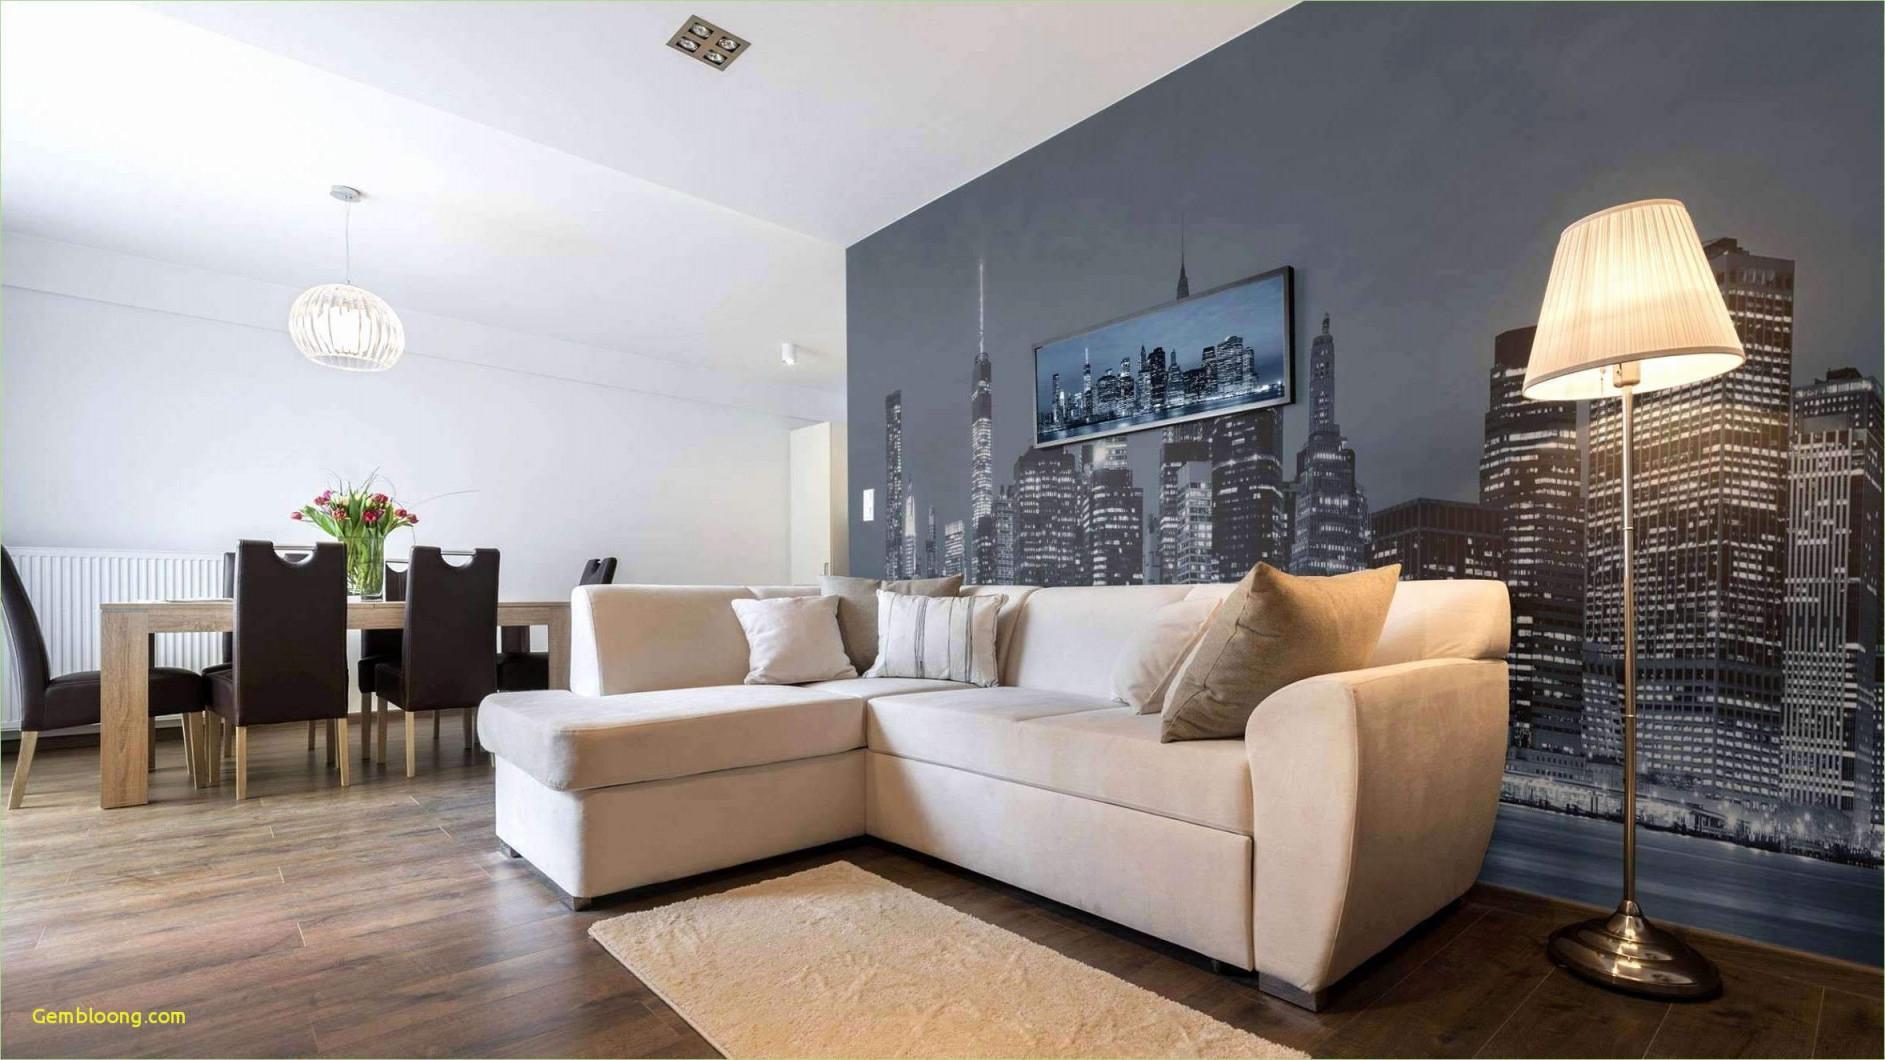 36 Das Beste Von Graue Wand Wohnzimmer Einzigartig von Wohnzimmer Grau Ideen Bild